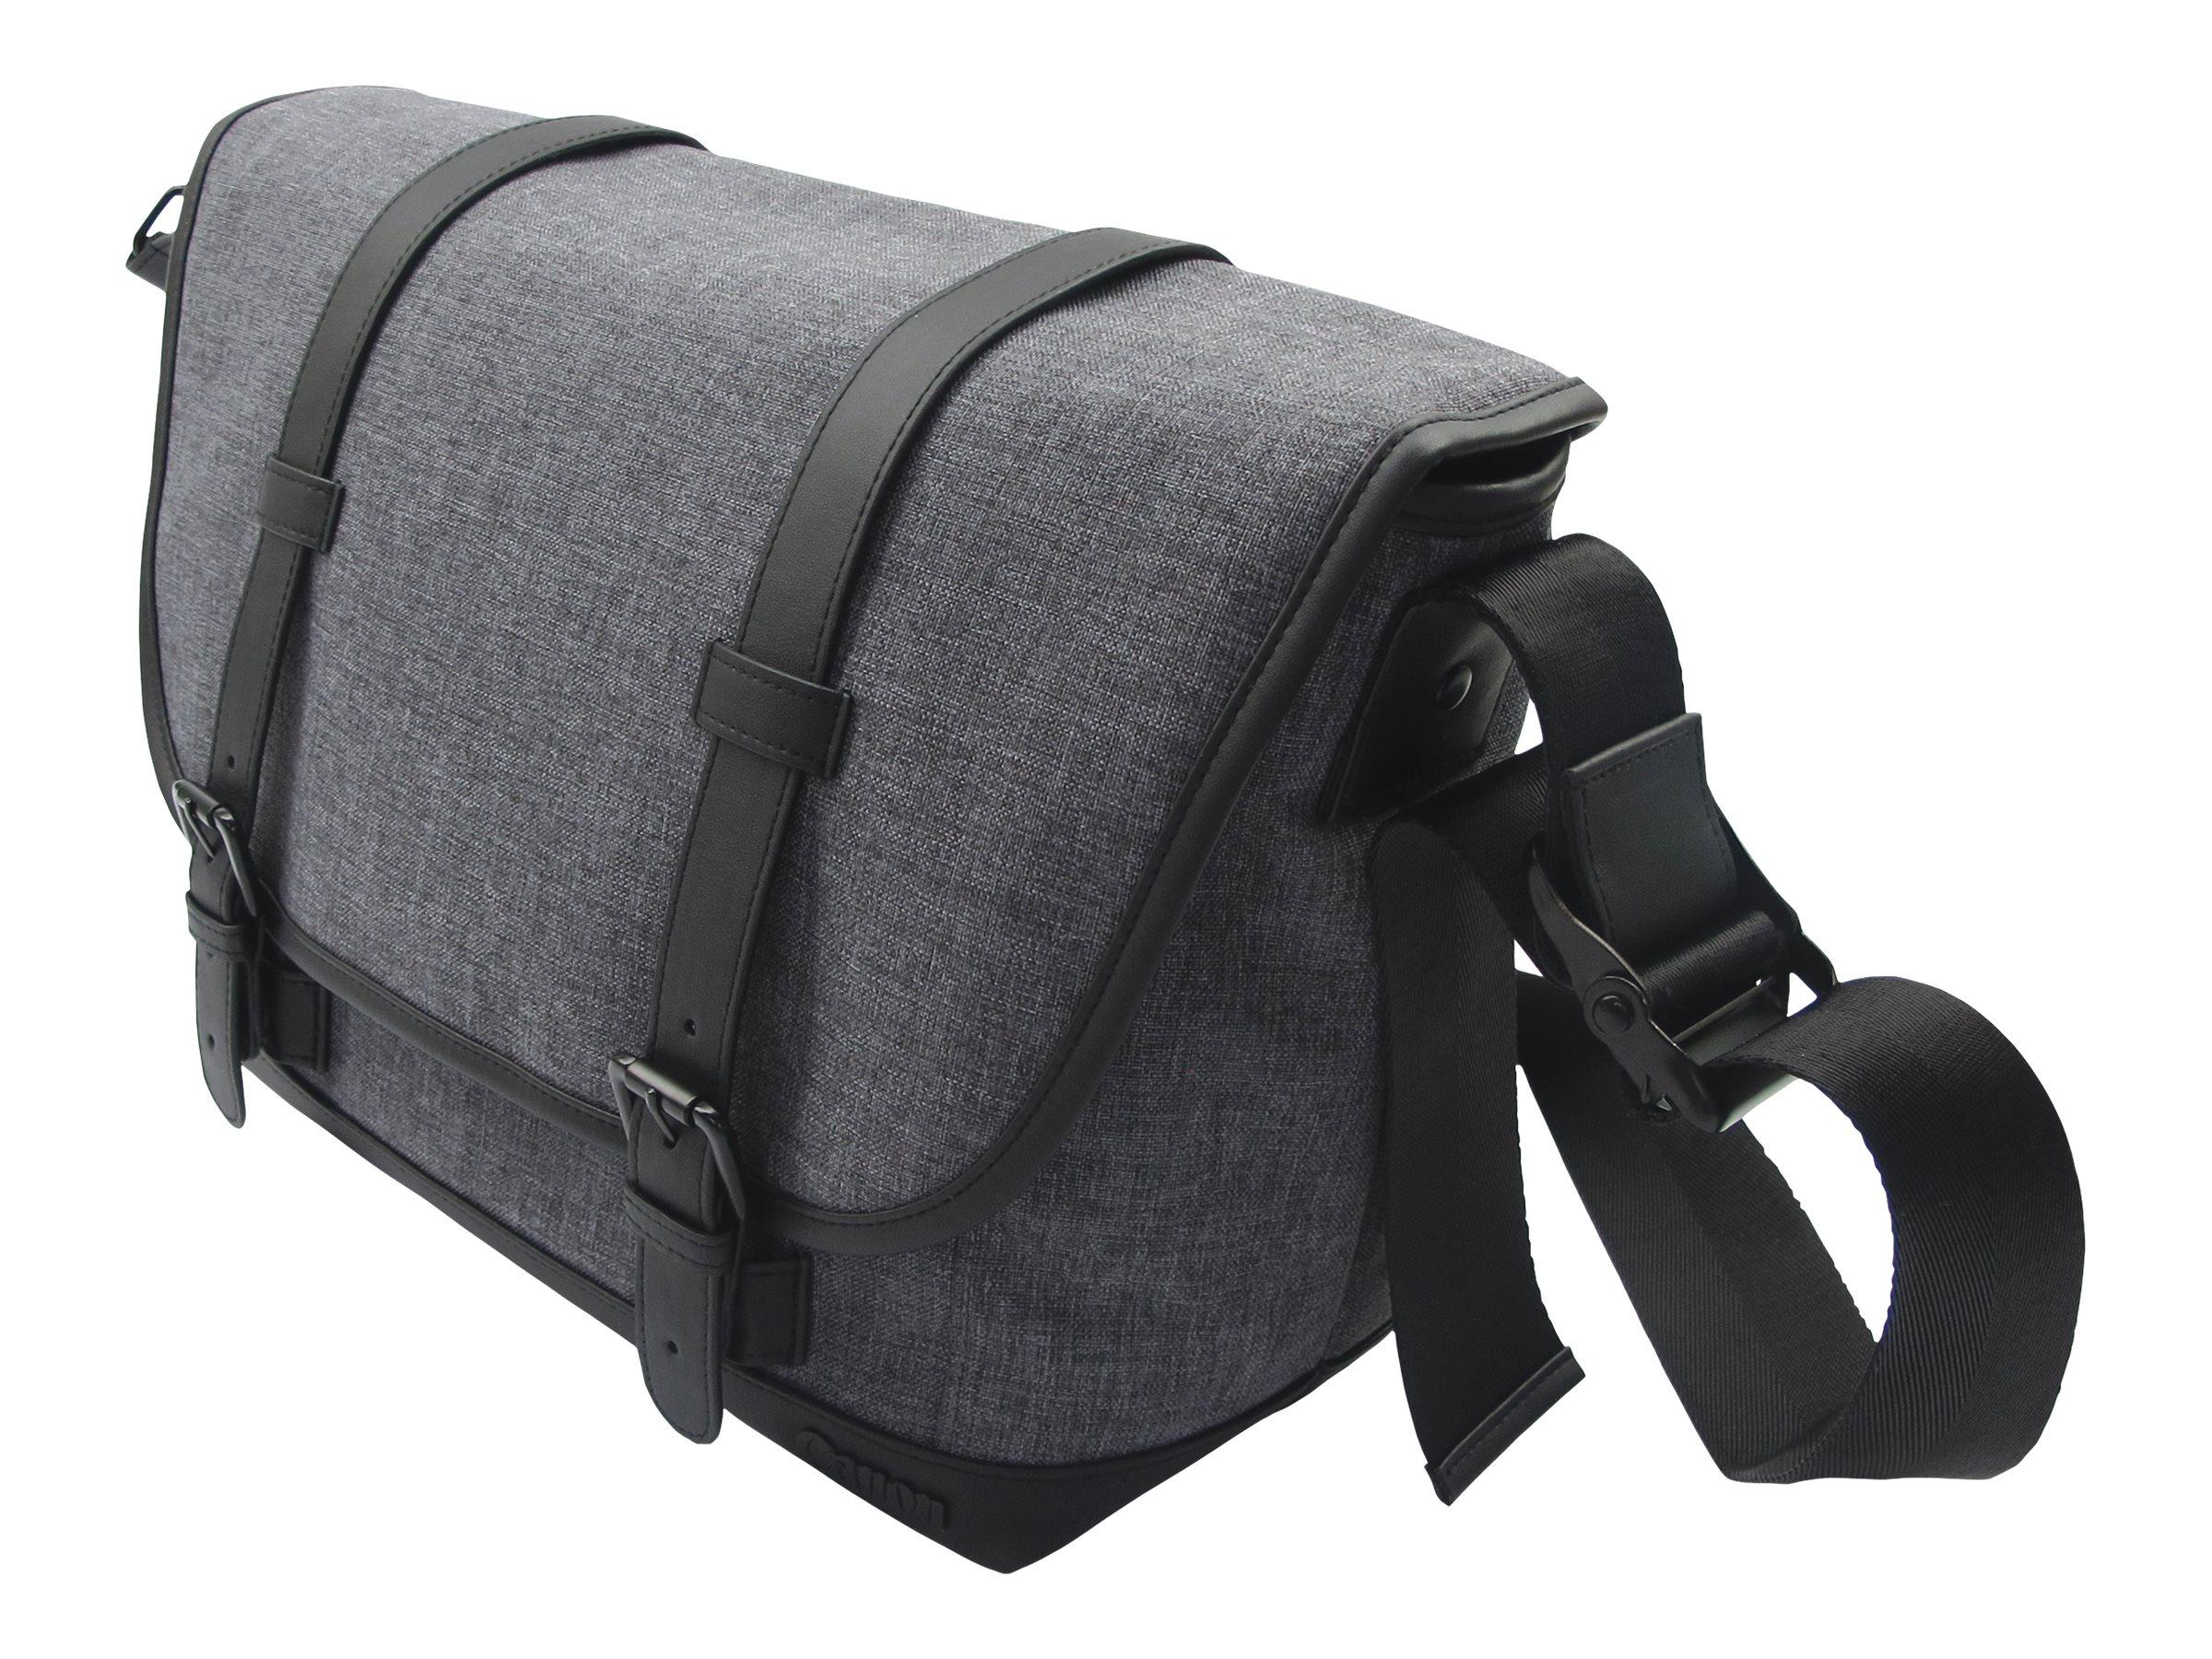 Canon Messenger Bag MS10 - Schultertasche für Kamera mit Objekiven und Tablet - Polyester, Polyurethan - Grau - für EOS 2000D, 4